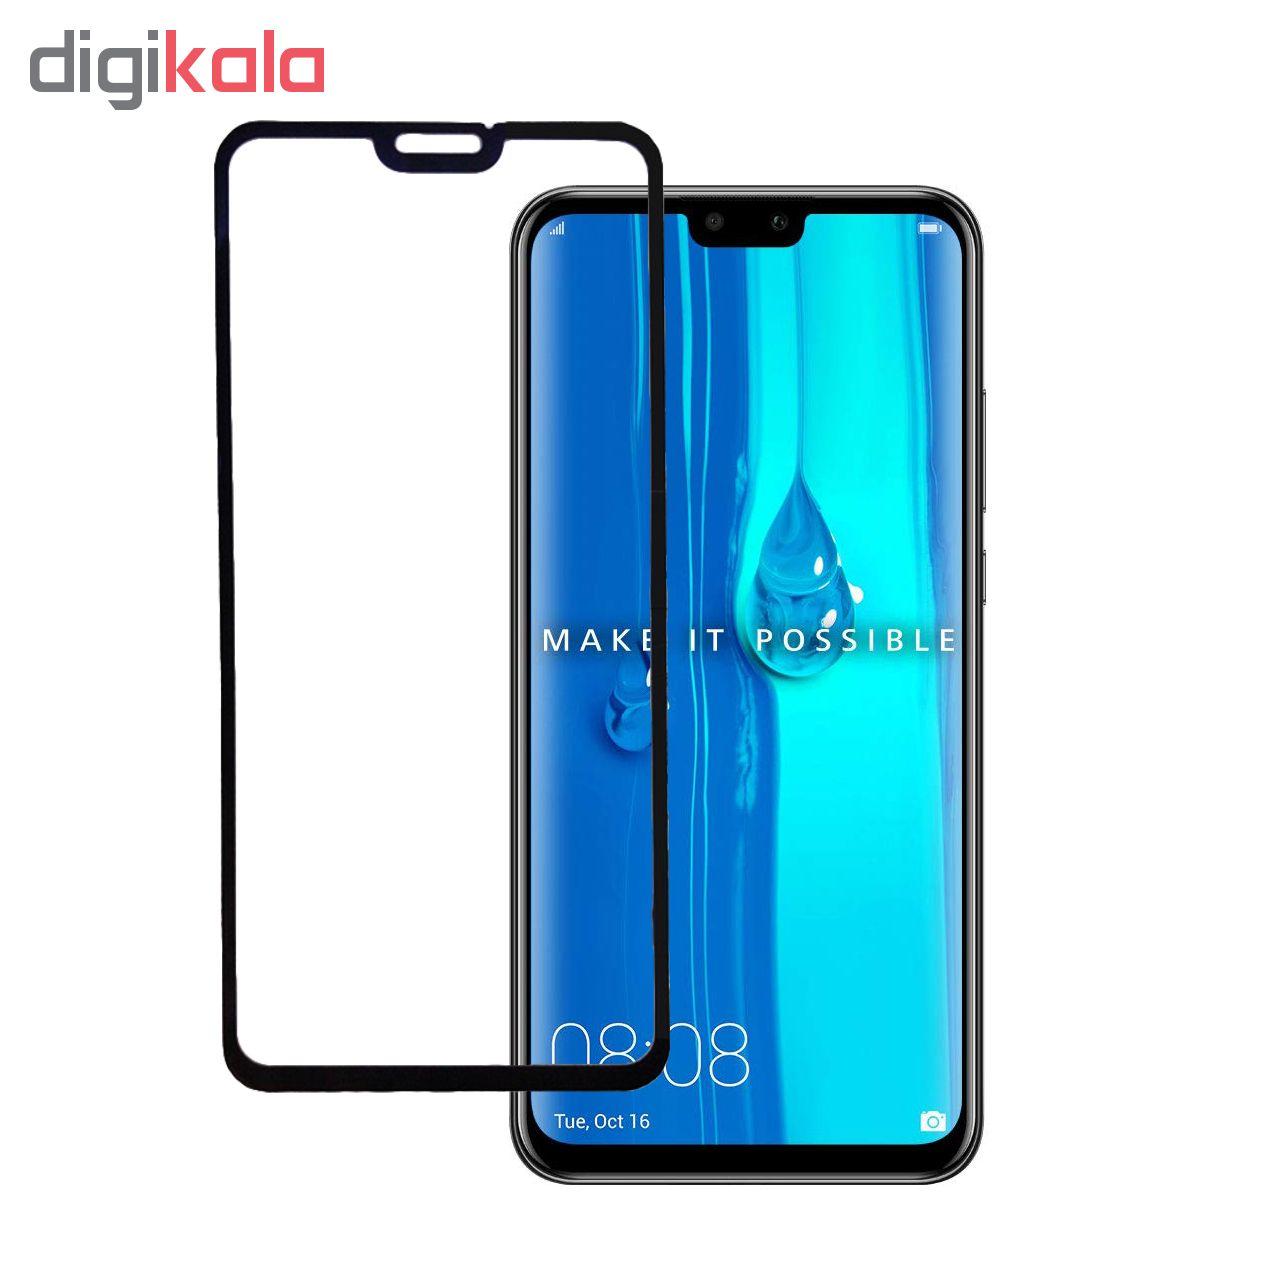 محافظ صفحه نمایش نیکسو مدل FG مناسب برای گوشی موبایل هوآوی Y9 2019 main 1 1